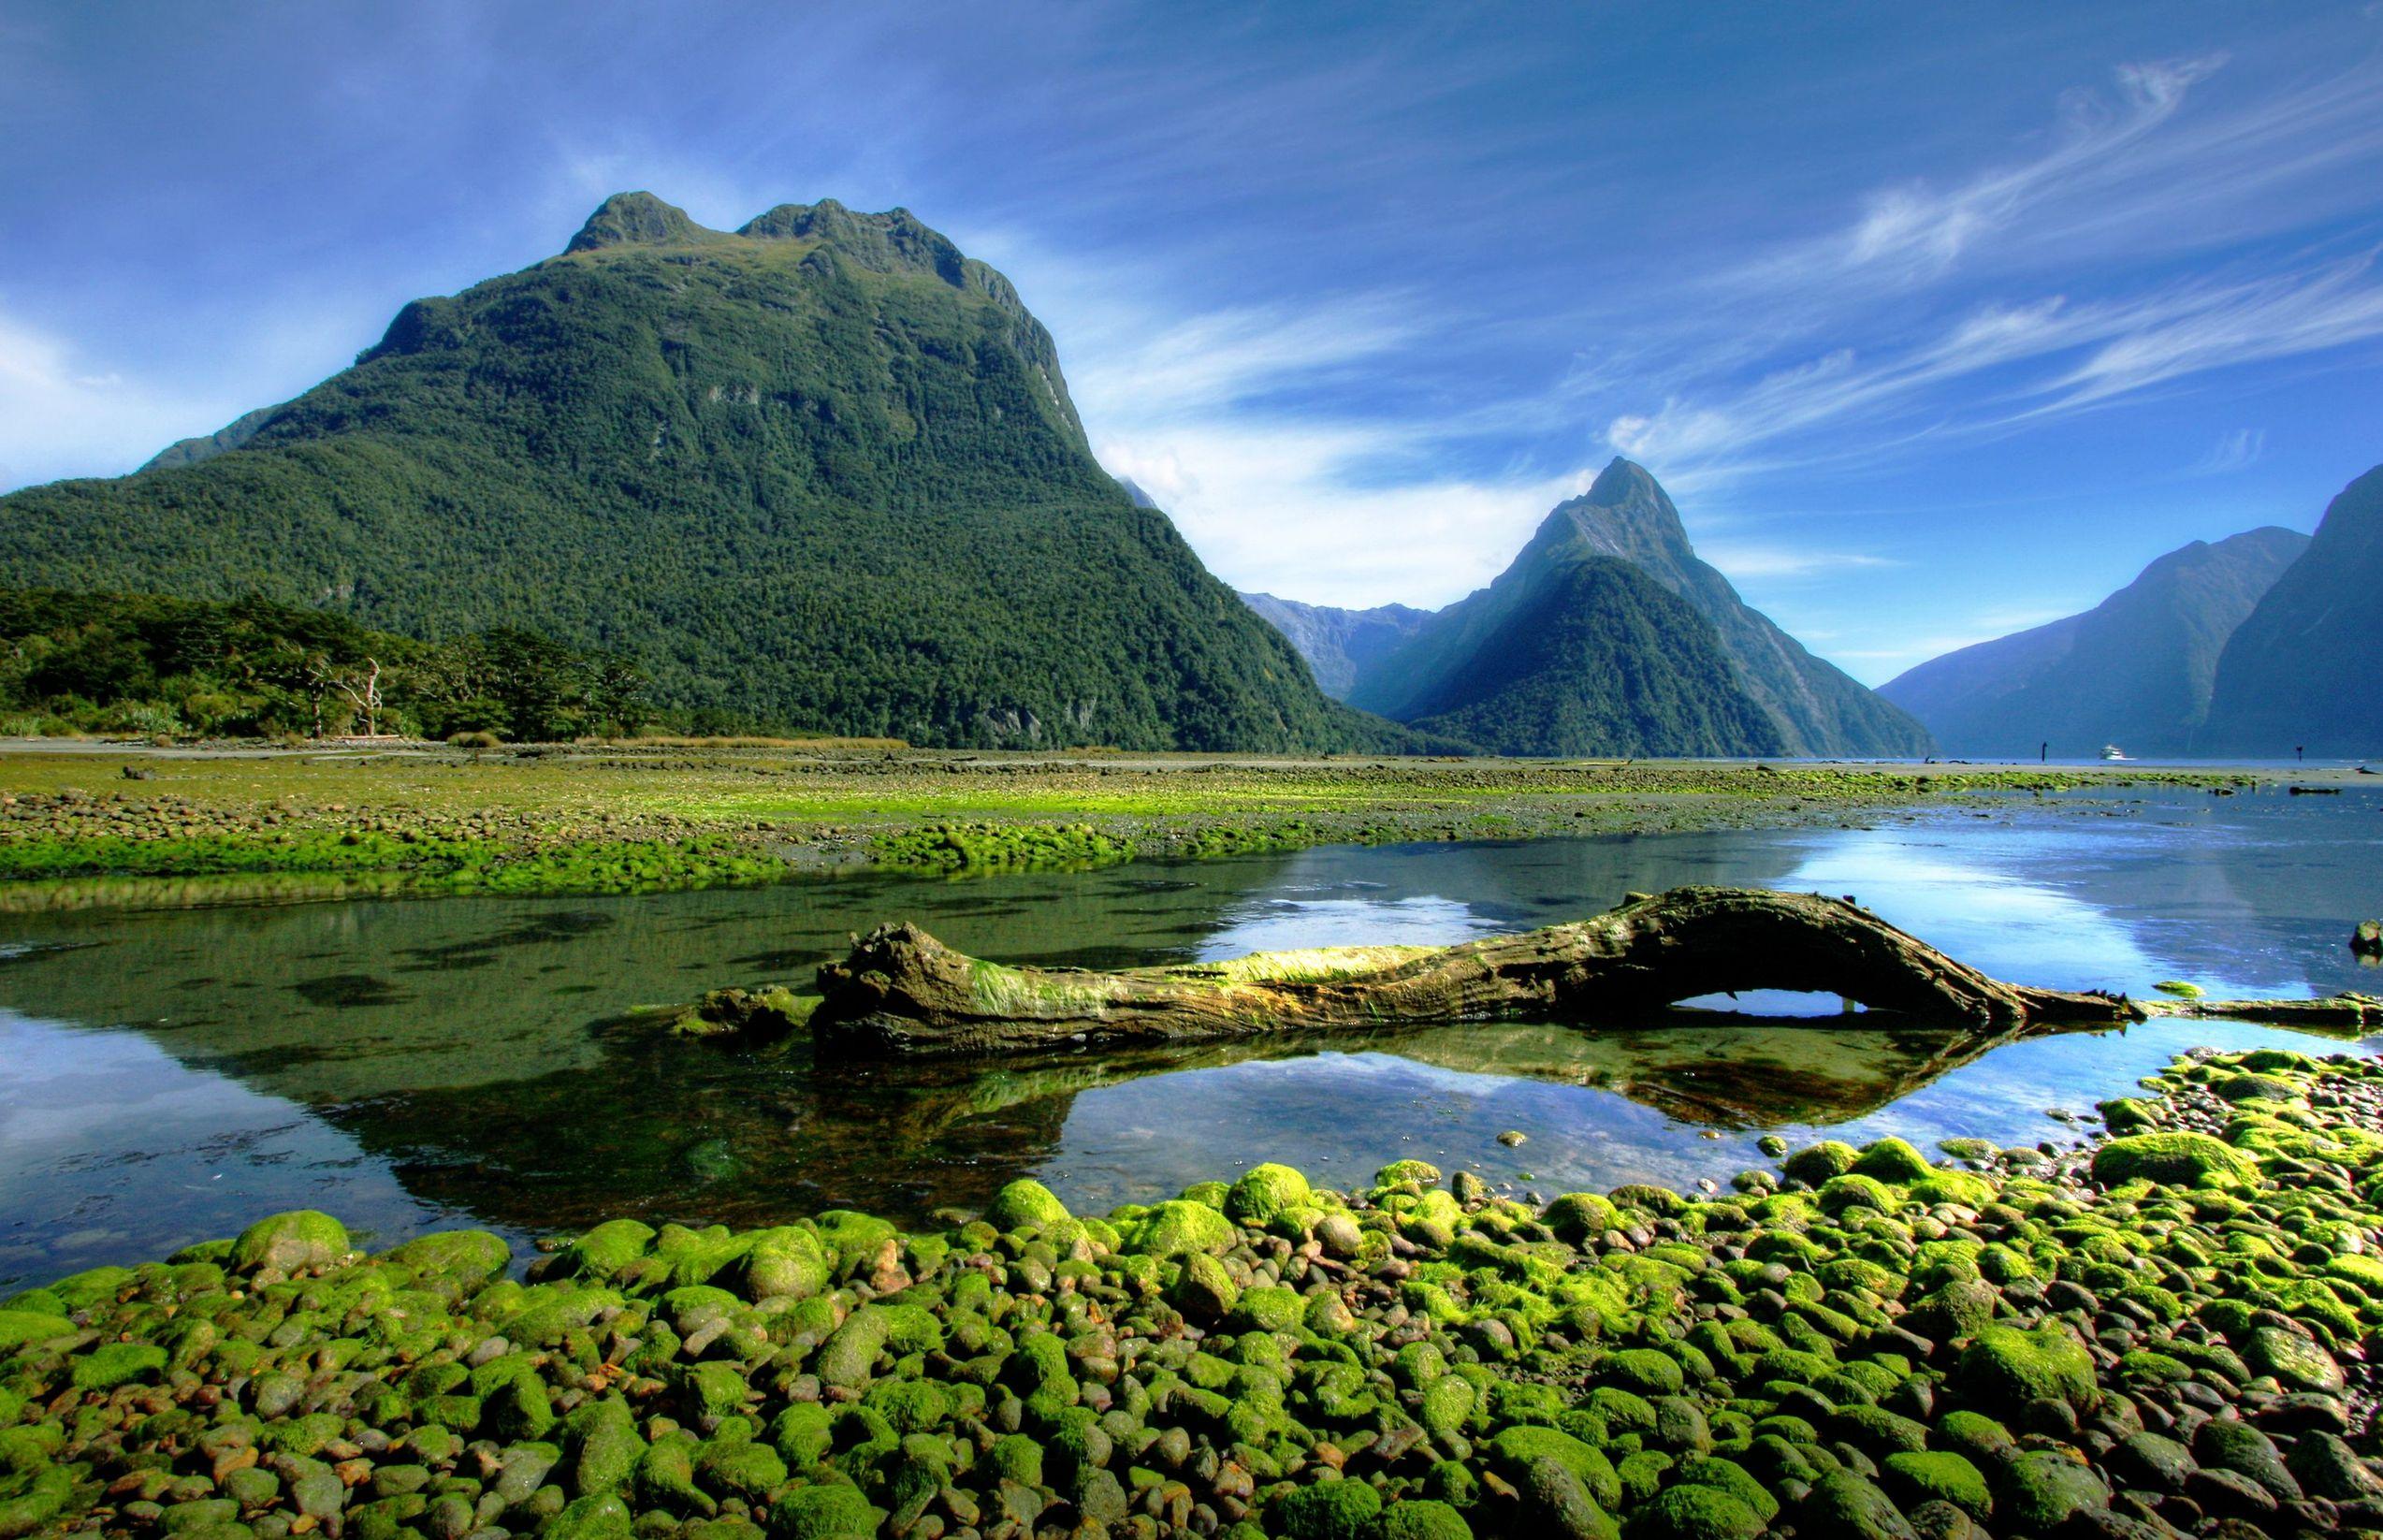 new zealand mossy lake 123rf